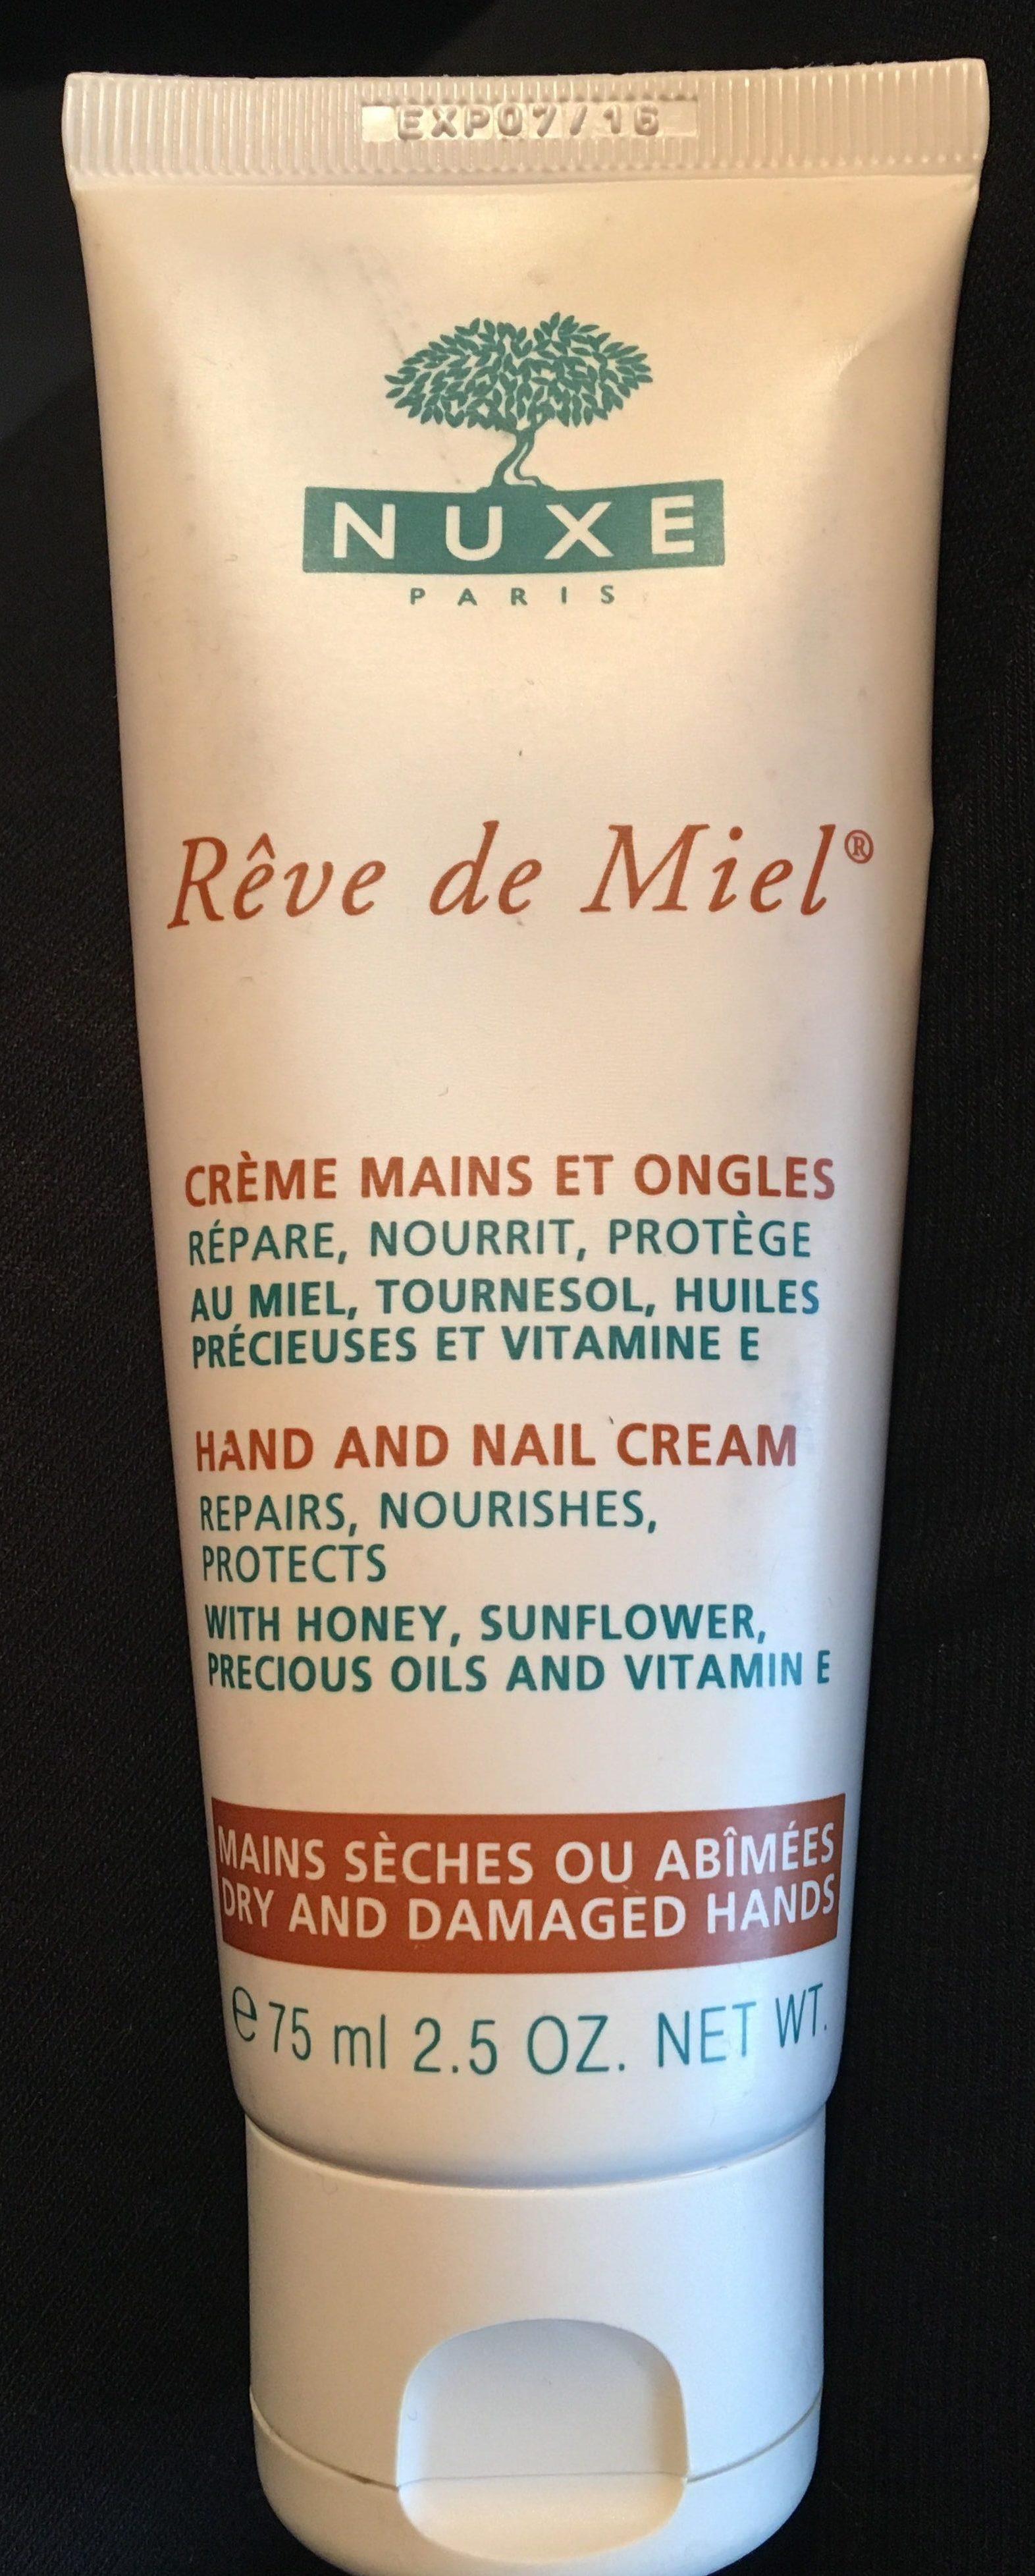 Rêve de Miel - Crème Mains et Ongles - Produit - fr